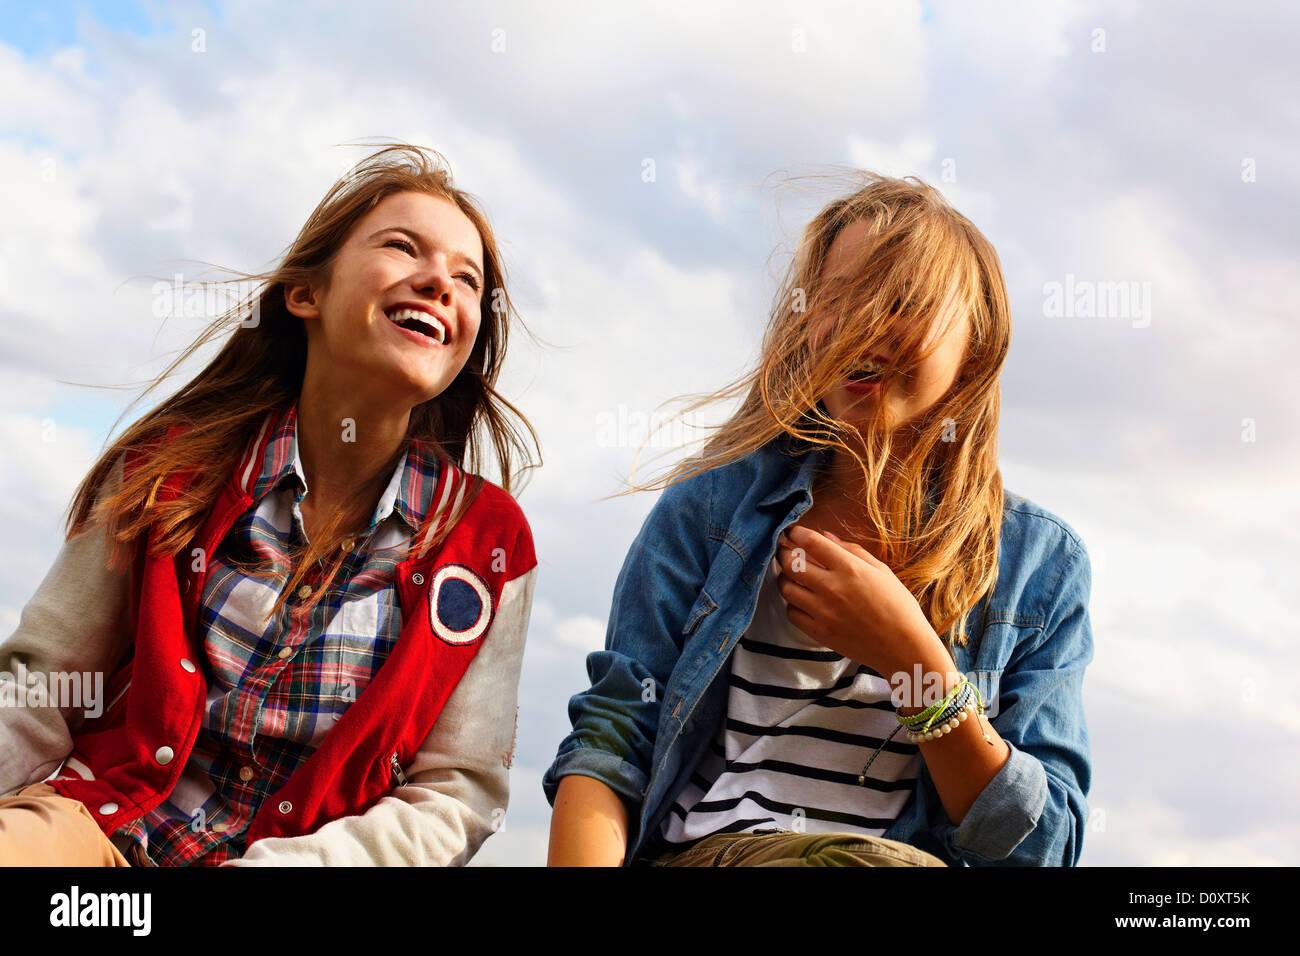 Gosto de raparigas adolescentes Imagens de Stock